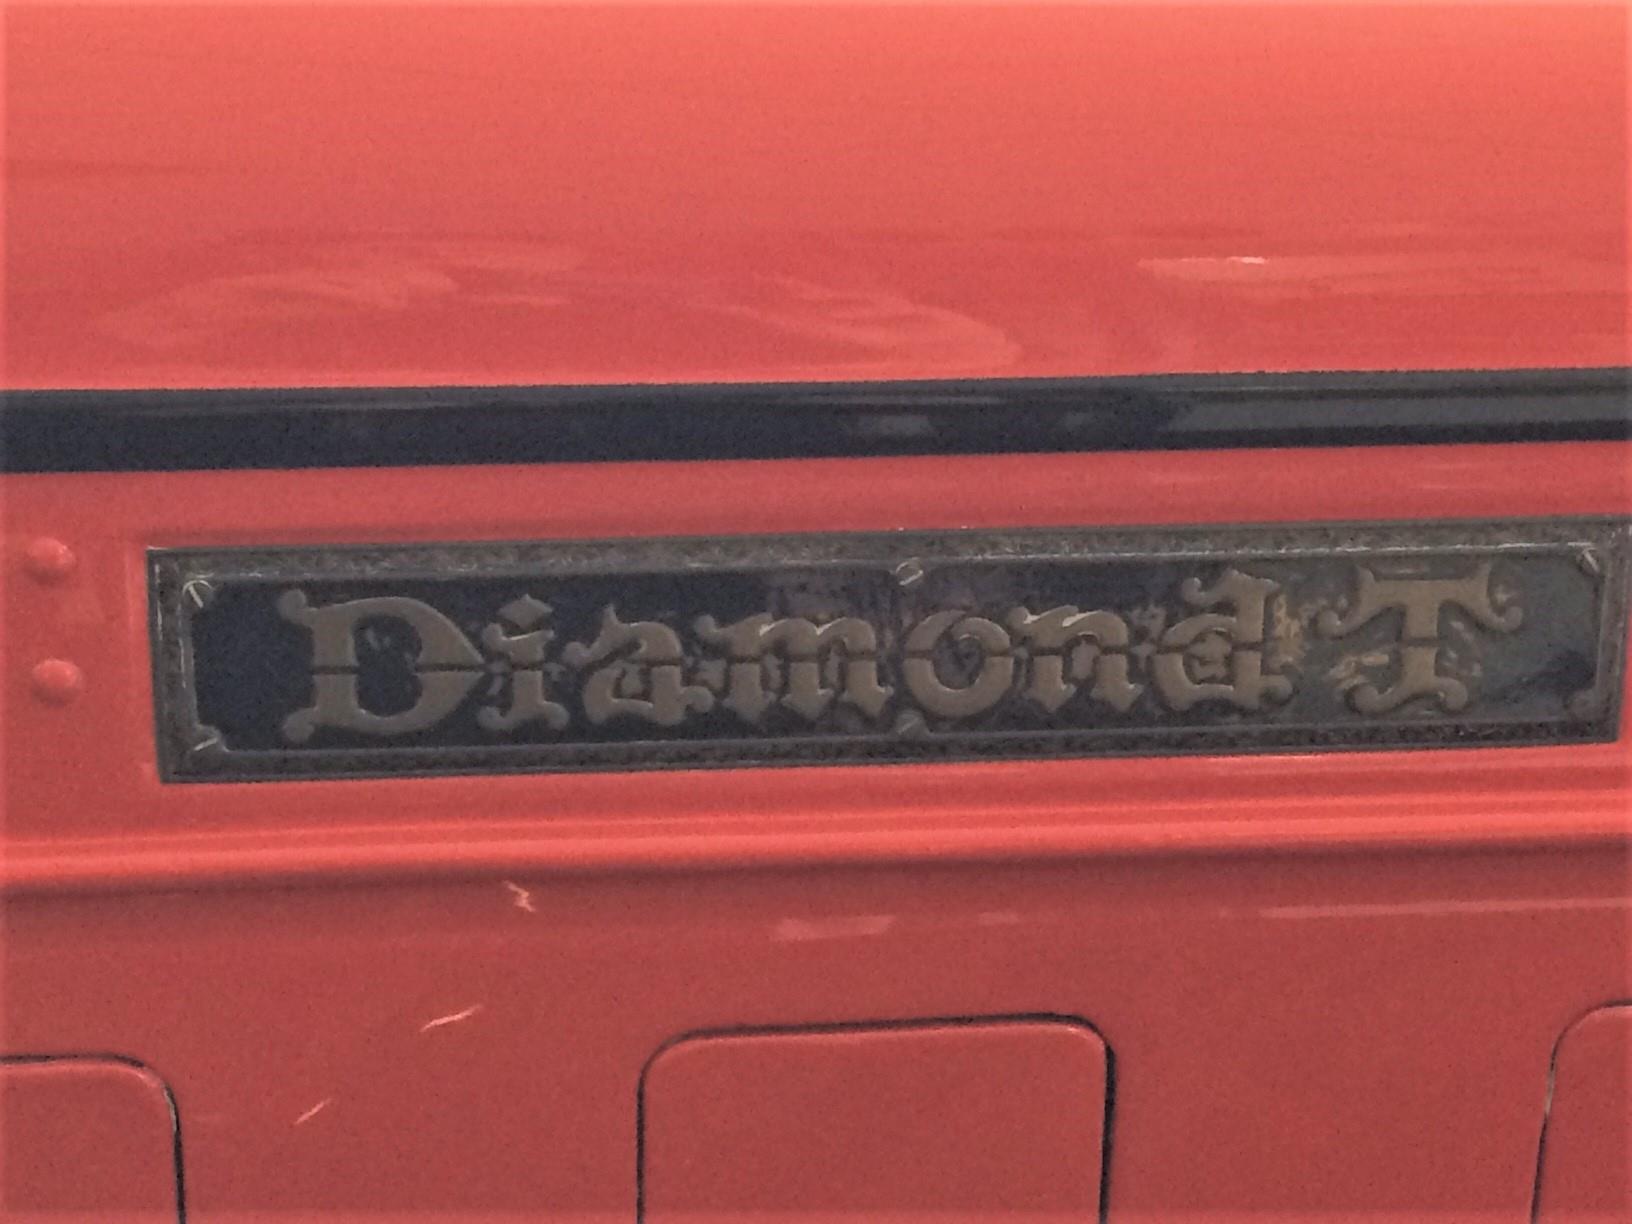 Diamond-T-van-1933-door-mijn-oom-Evert-Rondaan-gerestaureerd-de-gehele-cabine-en-de-motorkap-en-al-het-plaatwerk-vernieuwd-en-Hendrik-Rinsma-heeft-de-laadbak-gemaakt-3